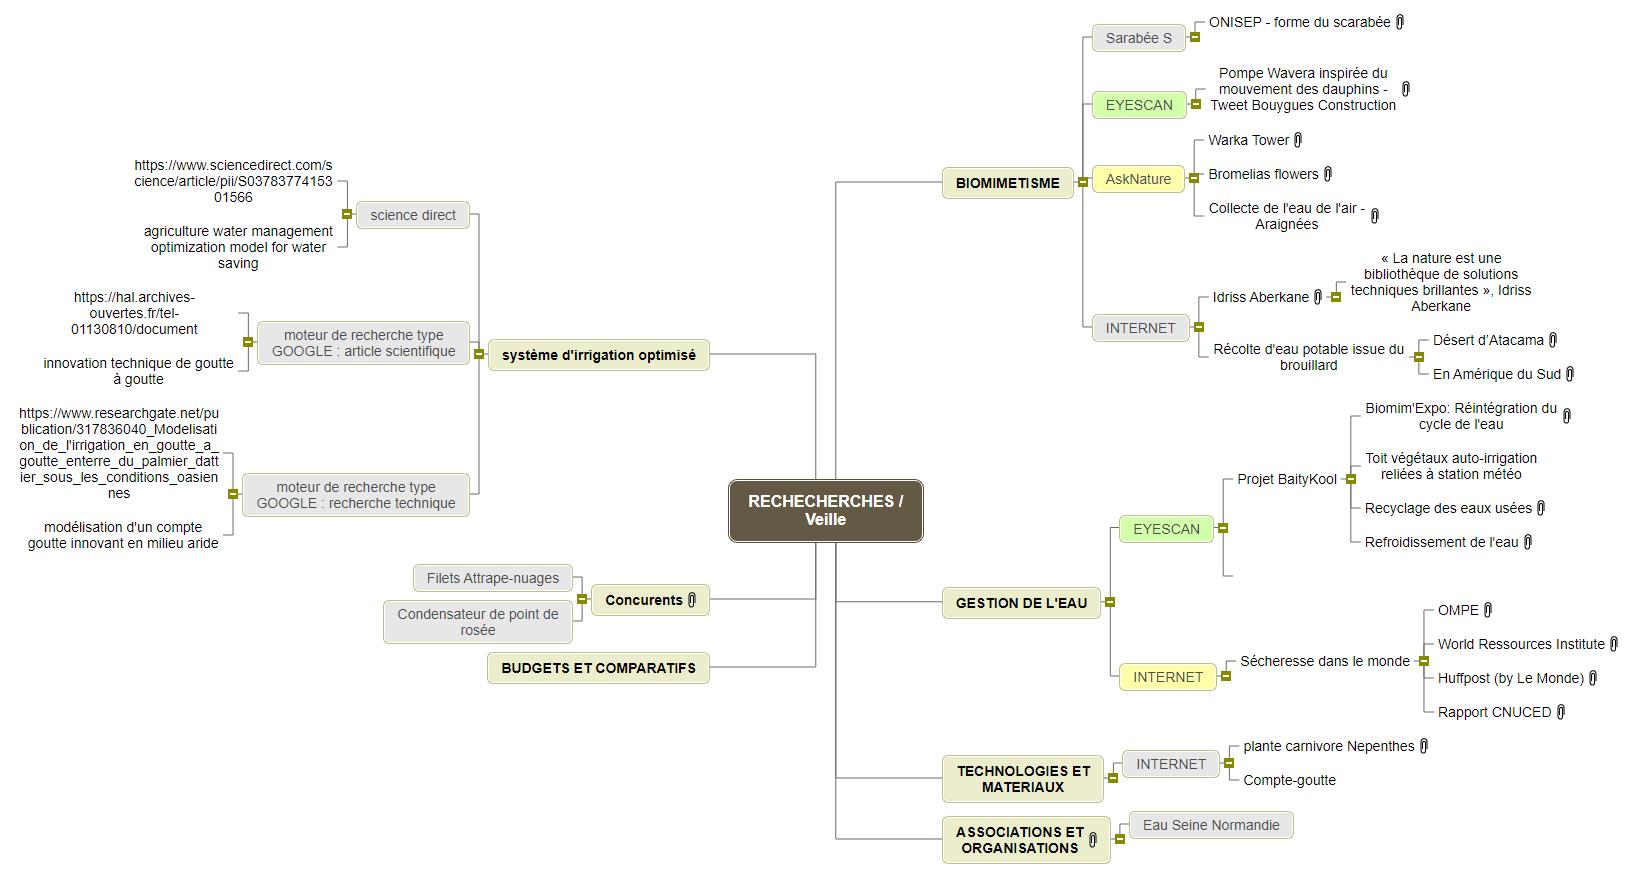 RECHECHERCHES _ Veille Mind Map